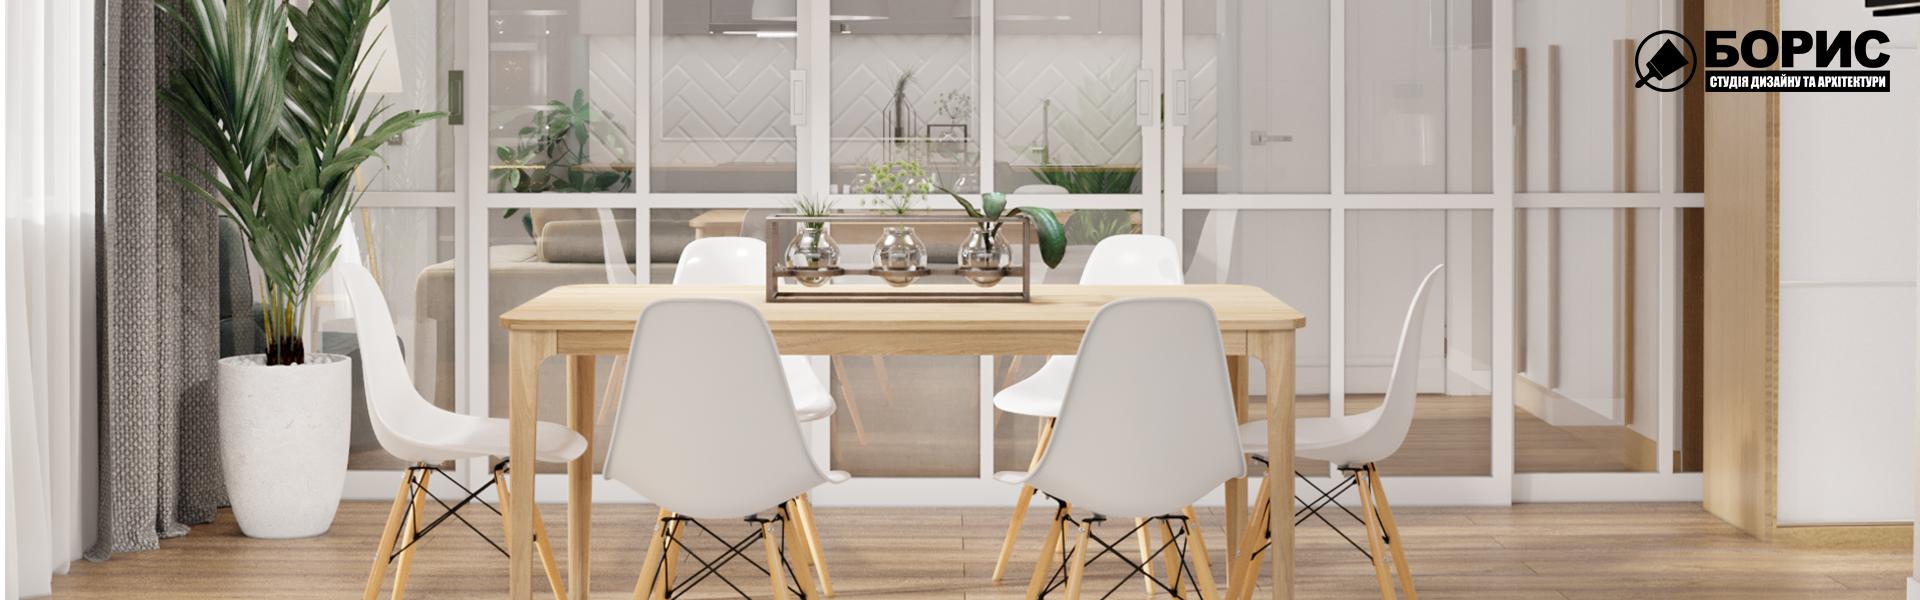 Дизайн інтер'єру 2020-2021: що зараз в тренді, дизайн квартири в сучасному стилі